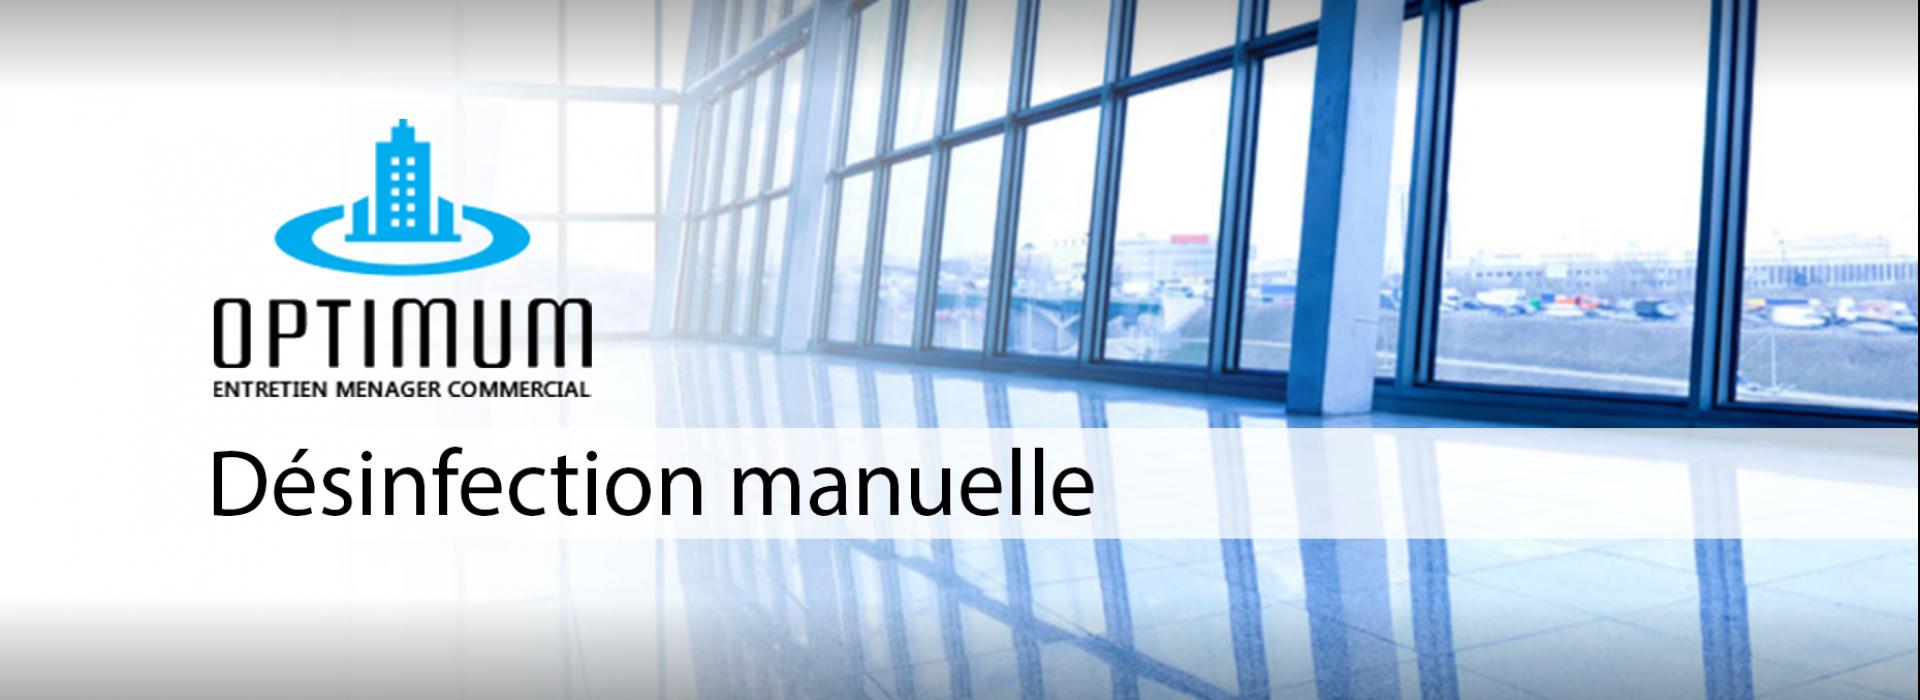 page-desinfection-manuelle-entretien-optimum-nettoyage-residentiel-commercial.png